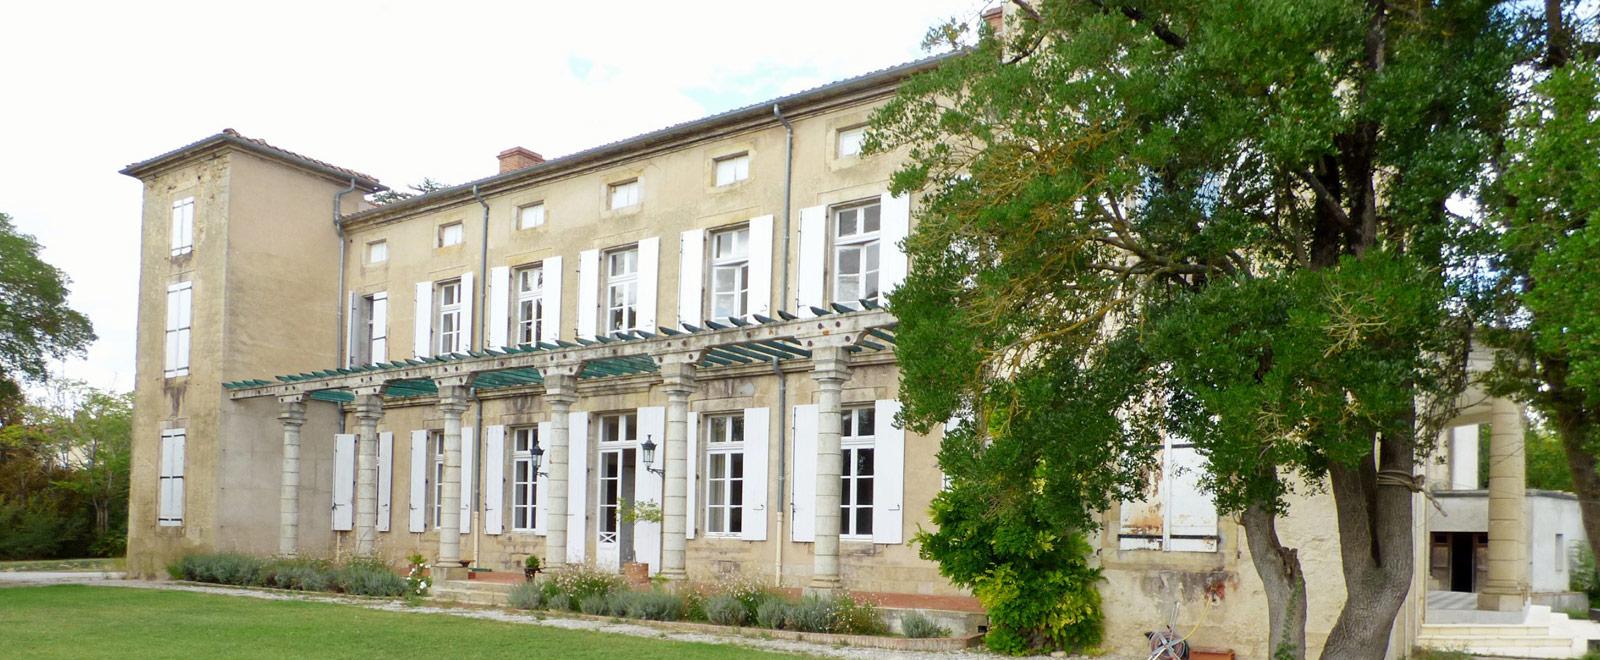 Le ch teau de l 39 hers histoire du domaine aux portes de toulouse et villefranche lauragais - Garage chateau de l hers toulouse ...